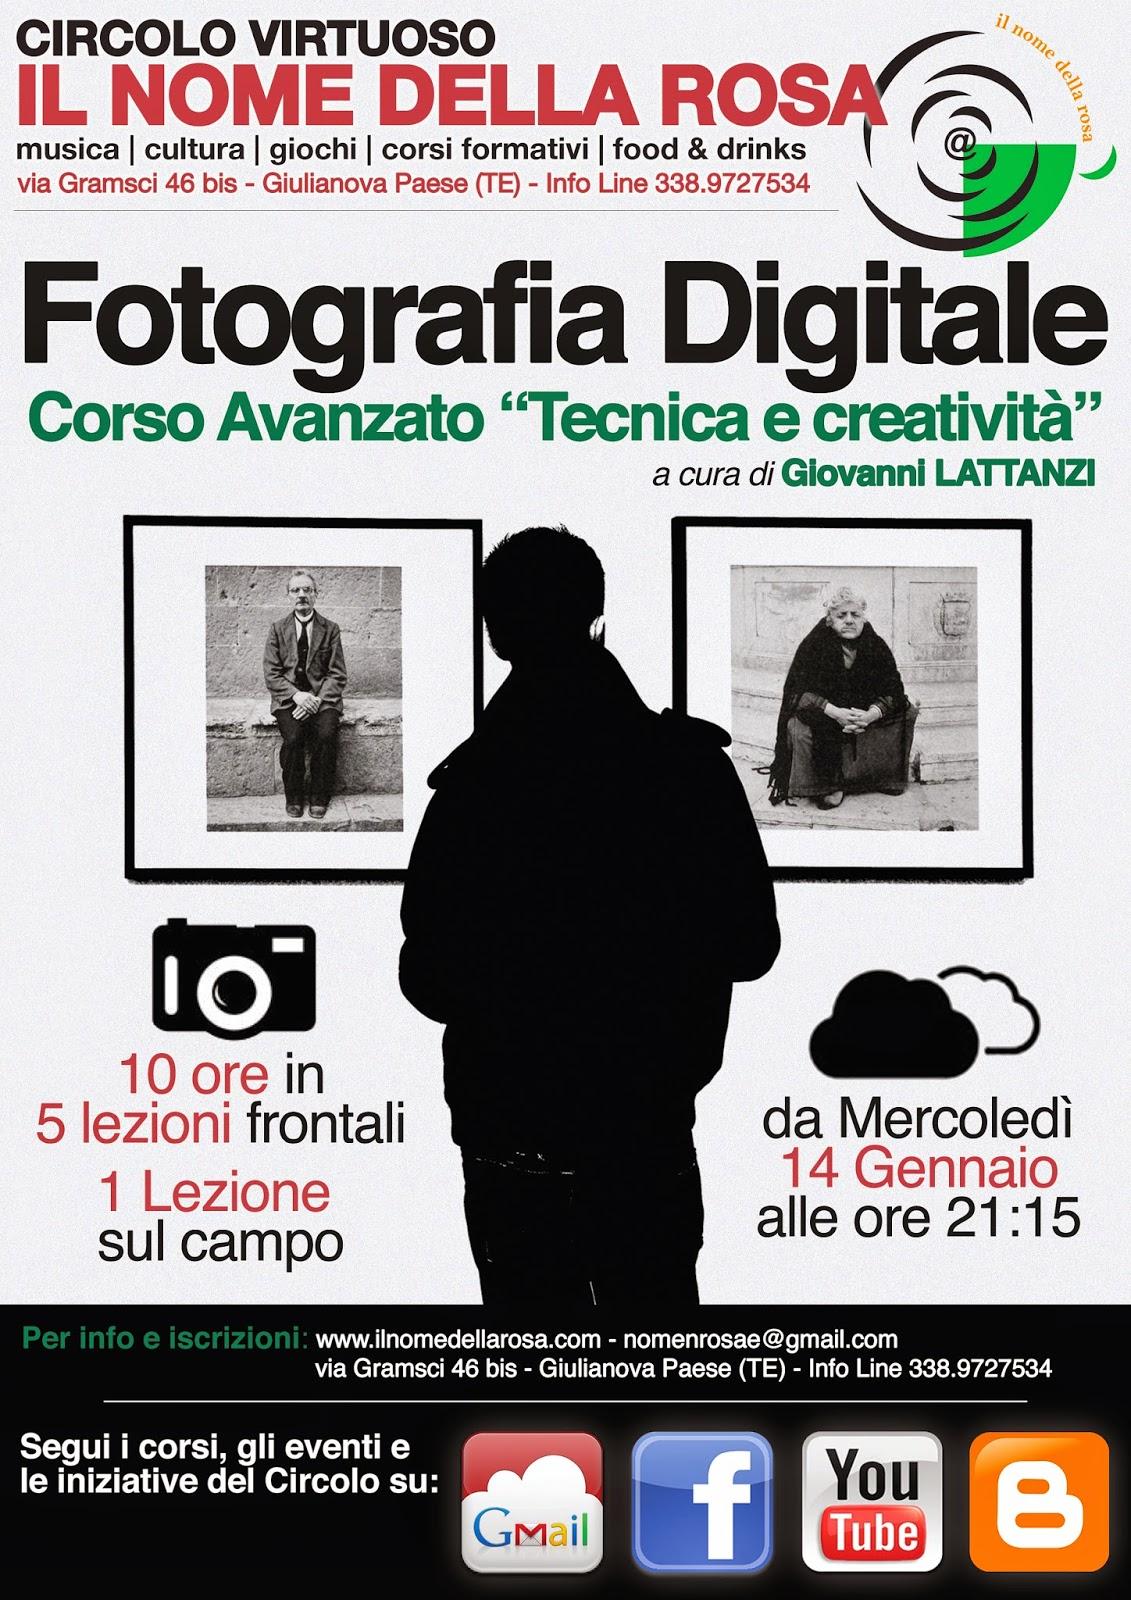 CORSO AVANZATO DI FOTOGRAFIA DIGITALE: TECNICA E CREATIVITÀ